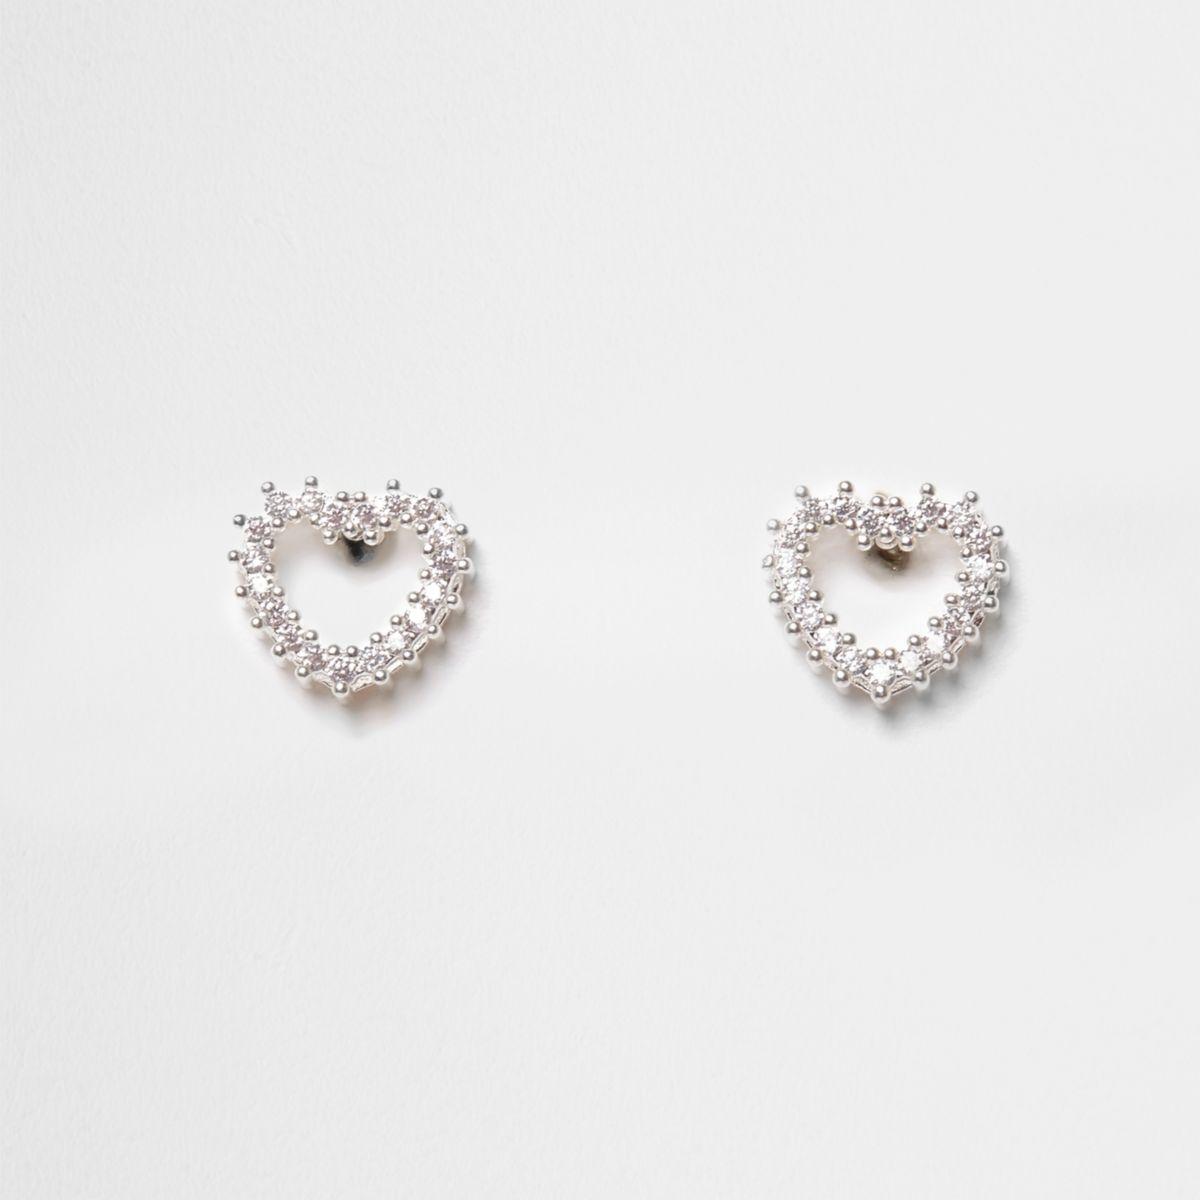 Cubic zirconia diamante heart stud earrings